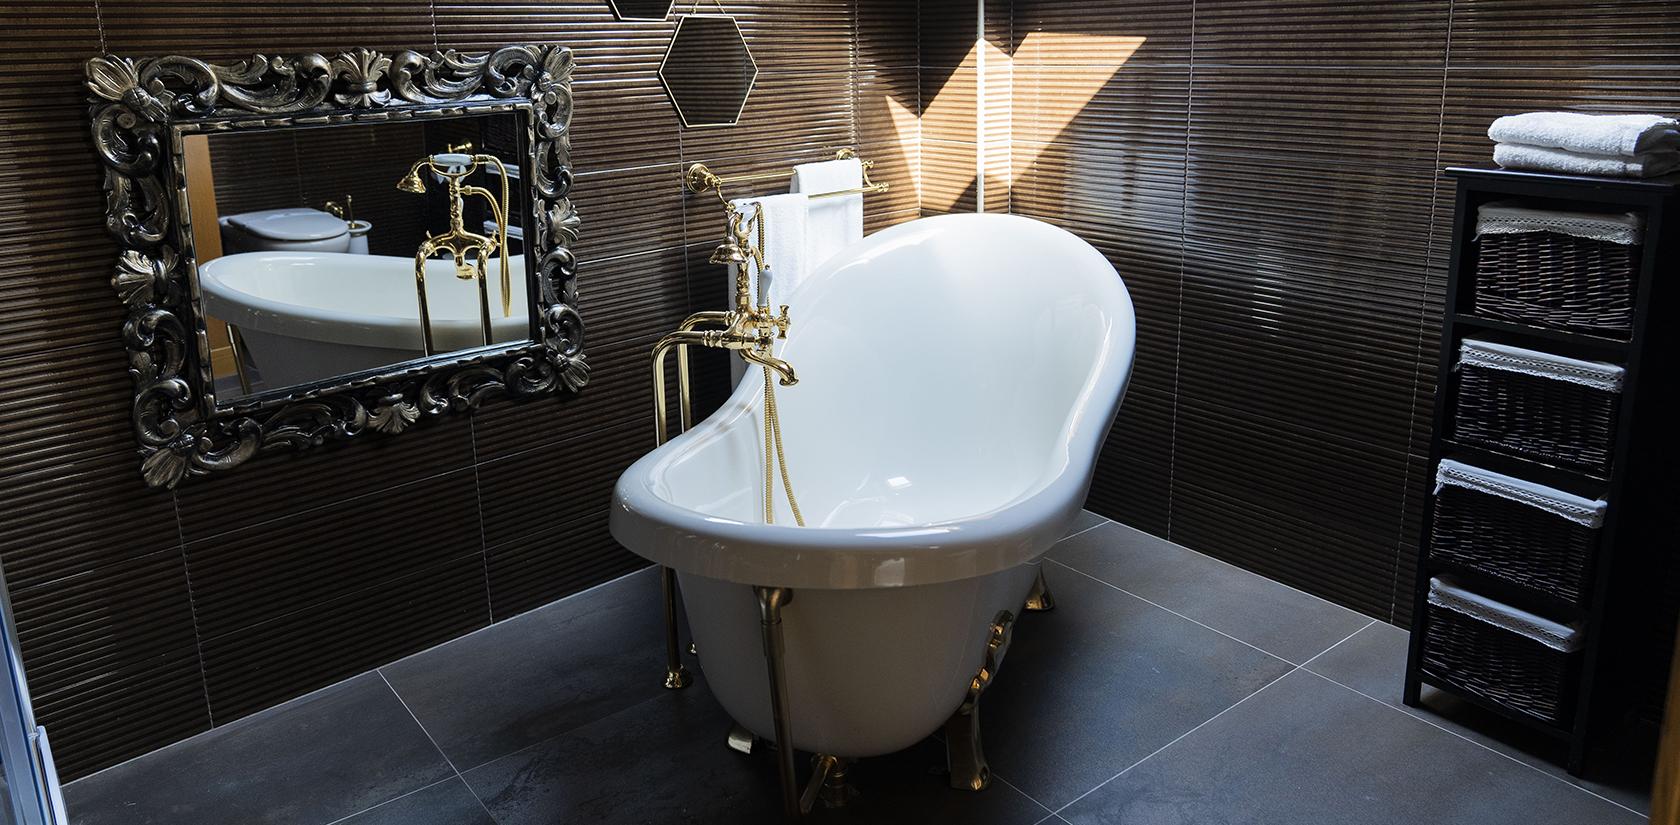 Habitación Malveiras, detalle del baño, bañera exenta de patas